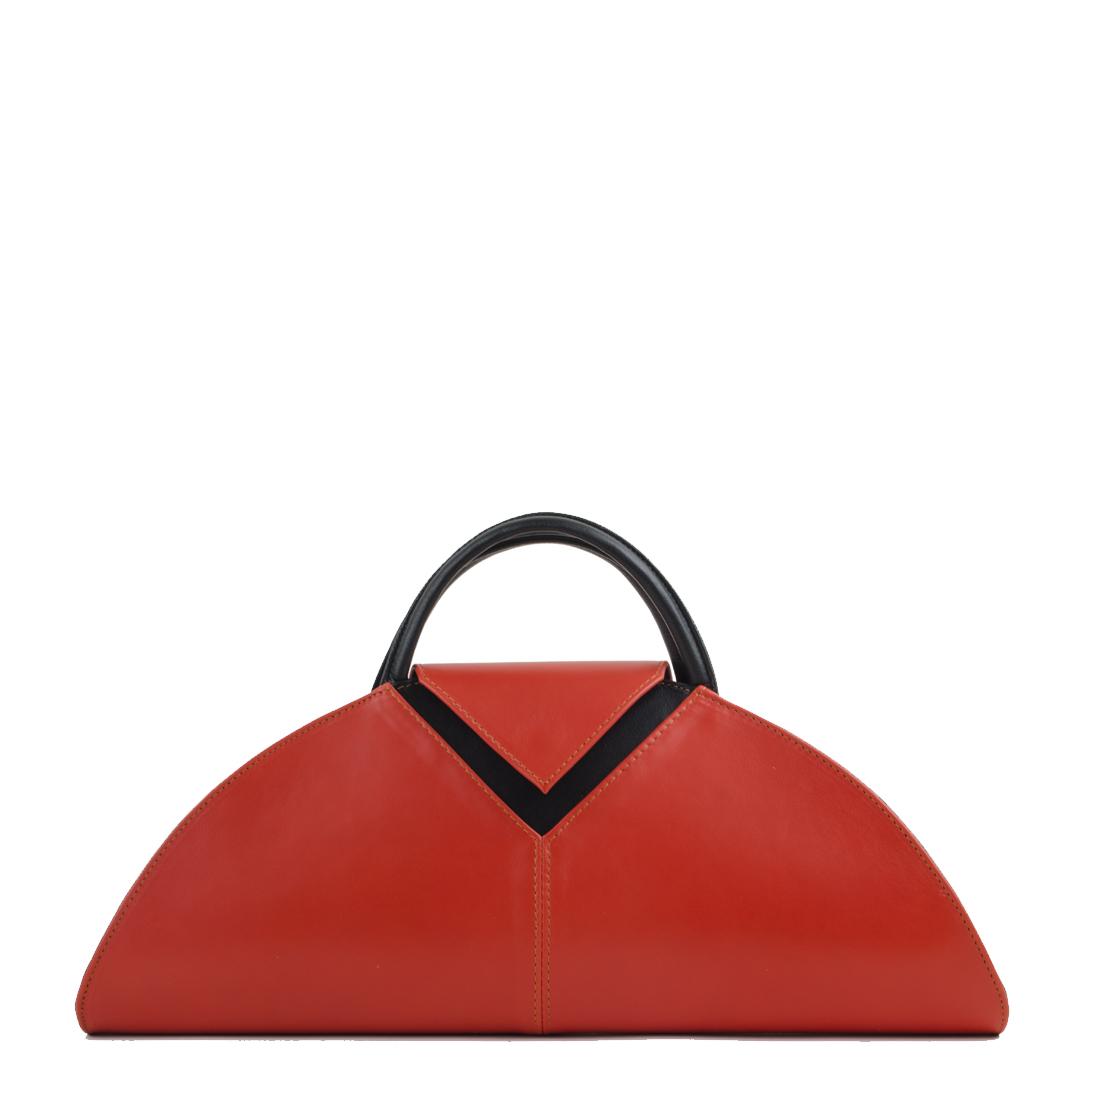 V Clutch Orange Black Leather Handbag